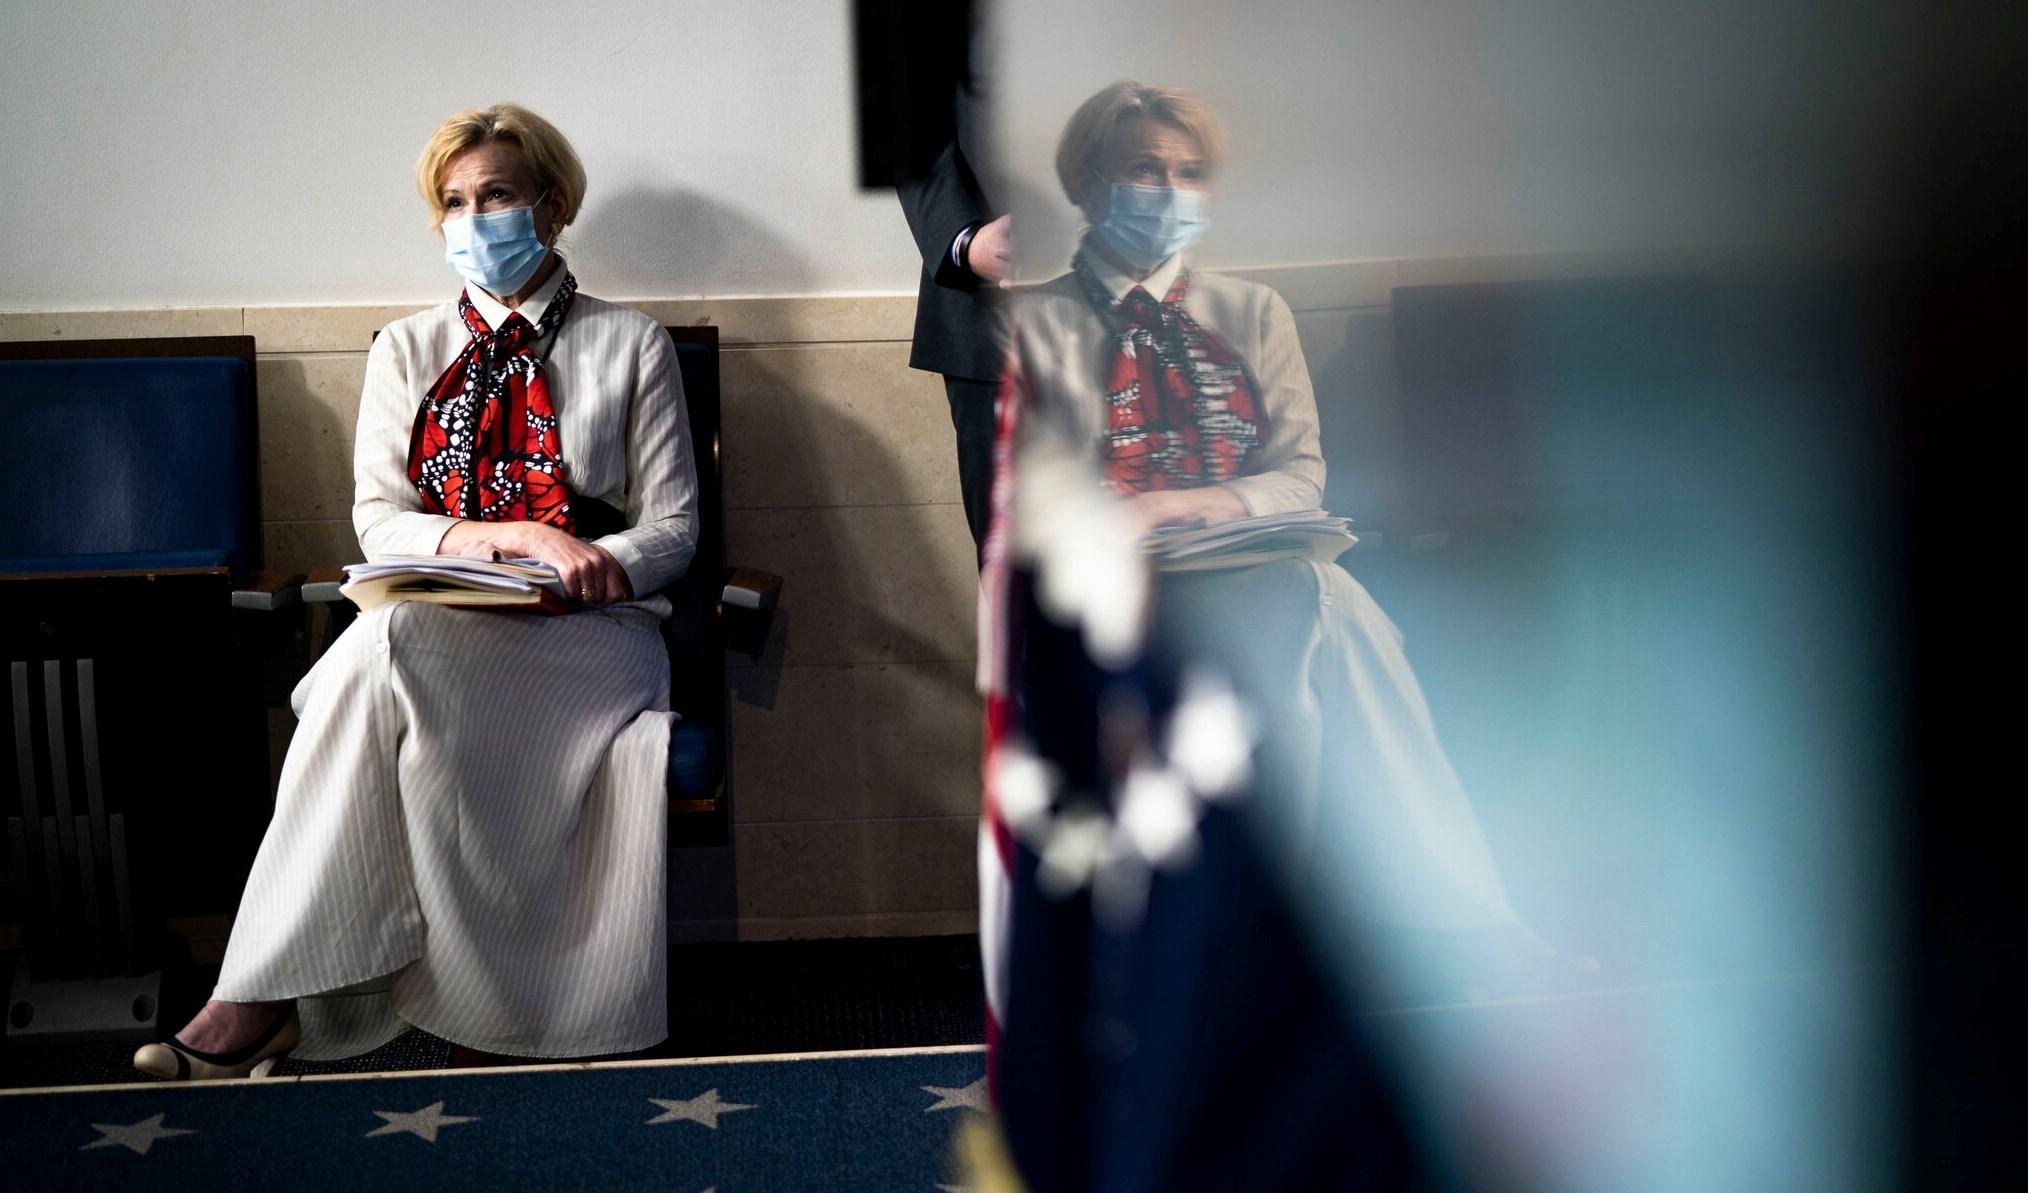 مستشارة ترامب لوباء كورونا، الدكتورة ديبورا بيركس.